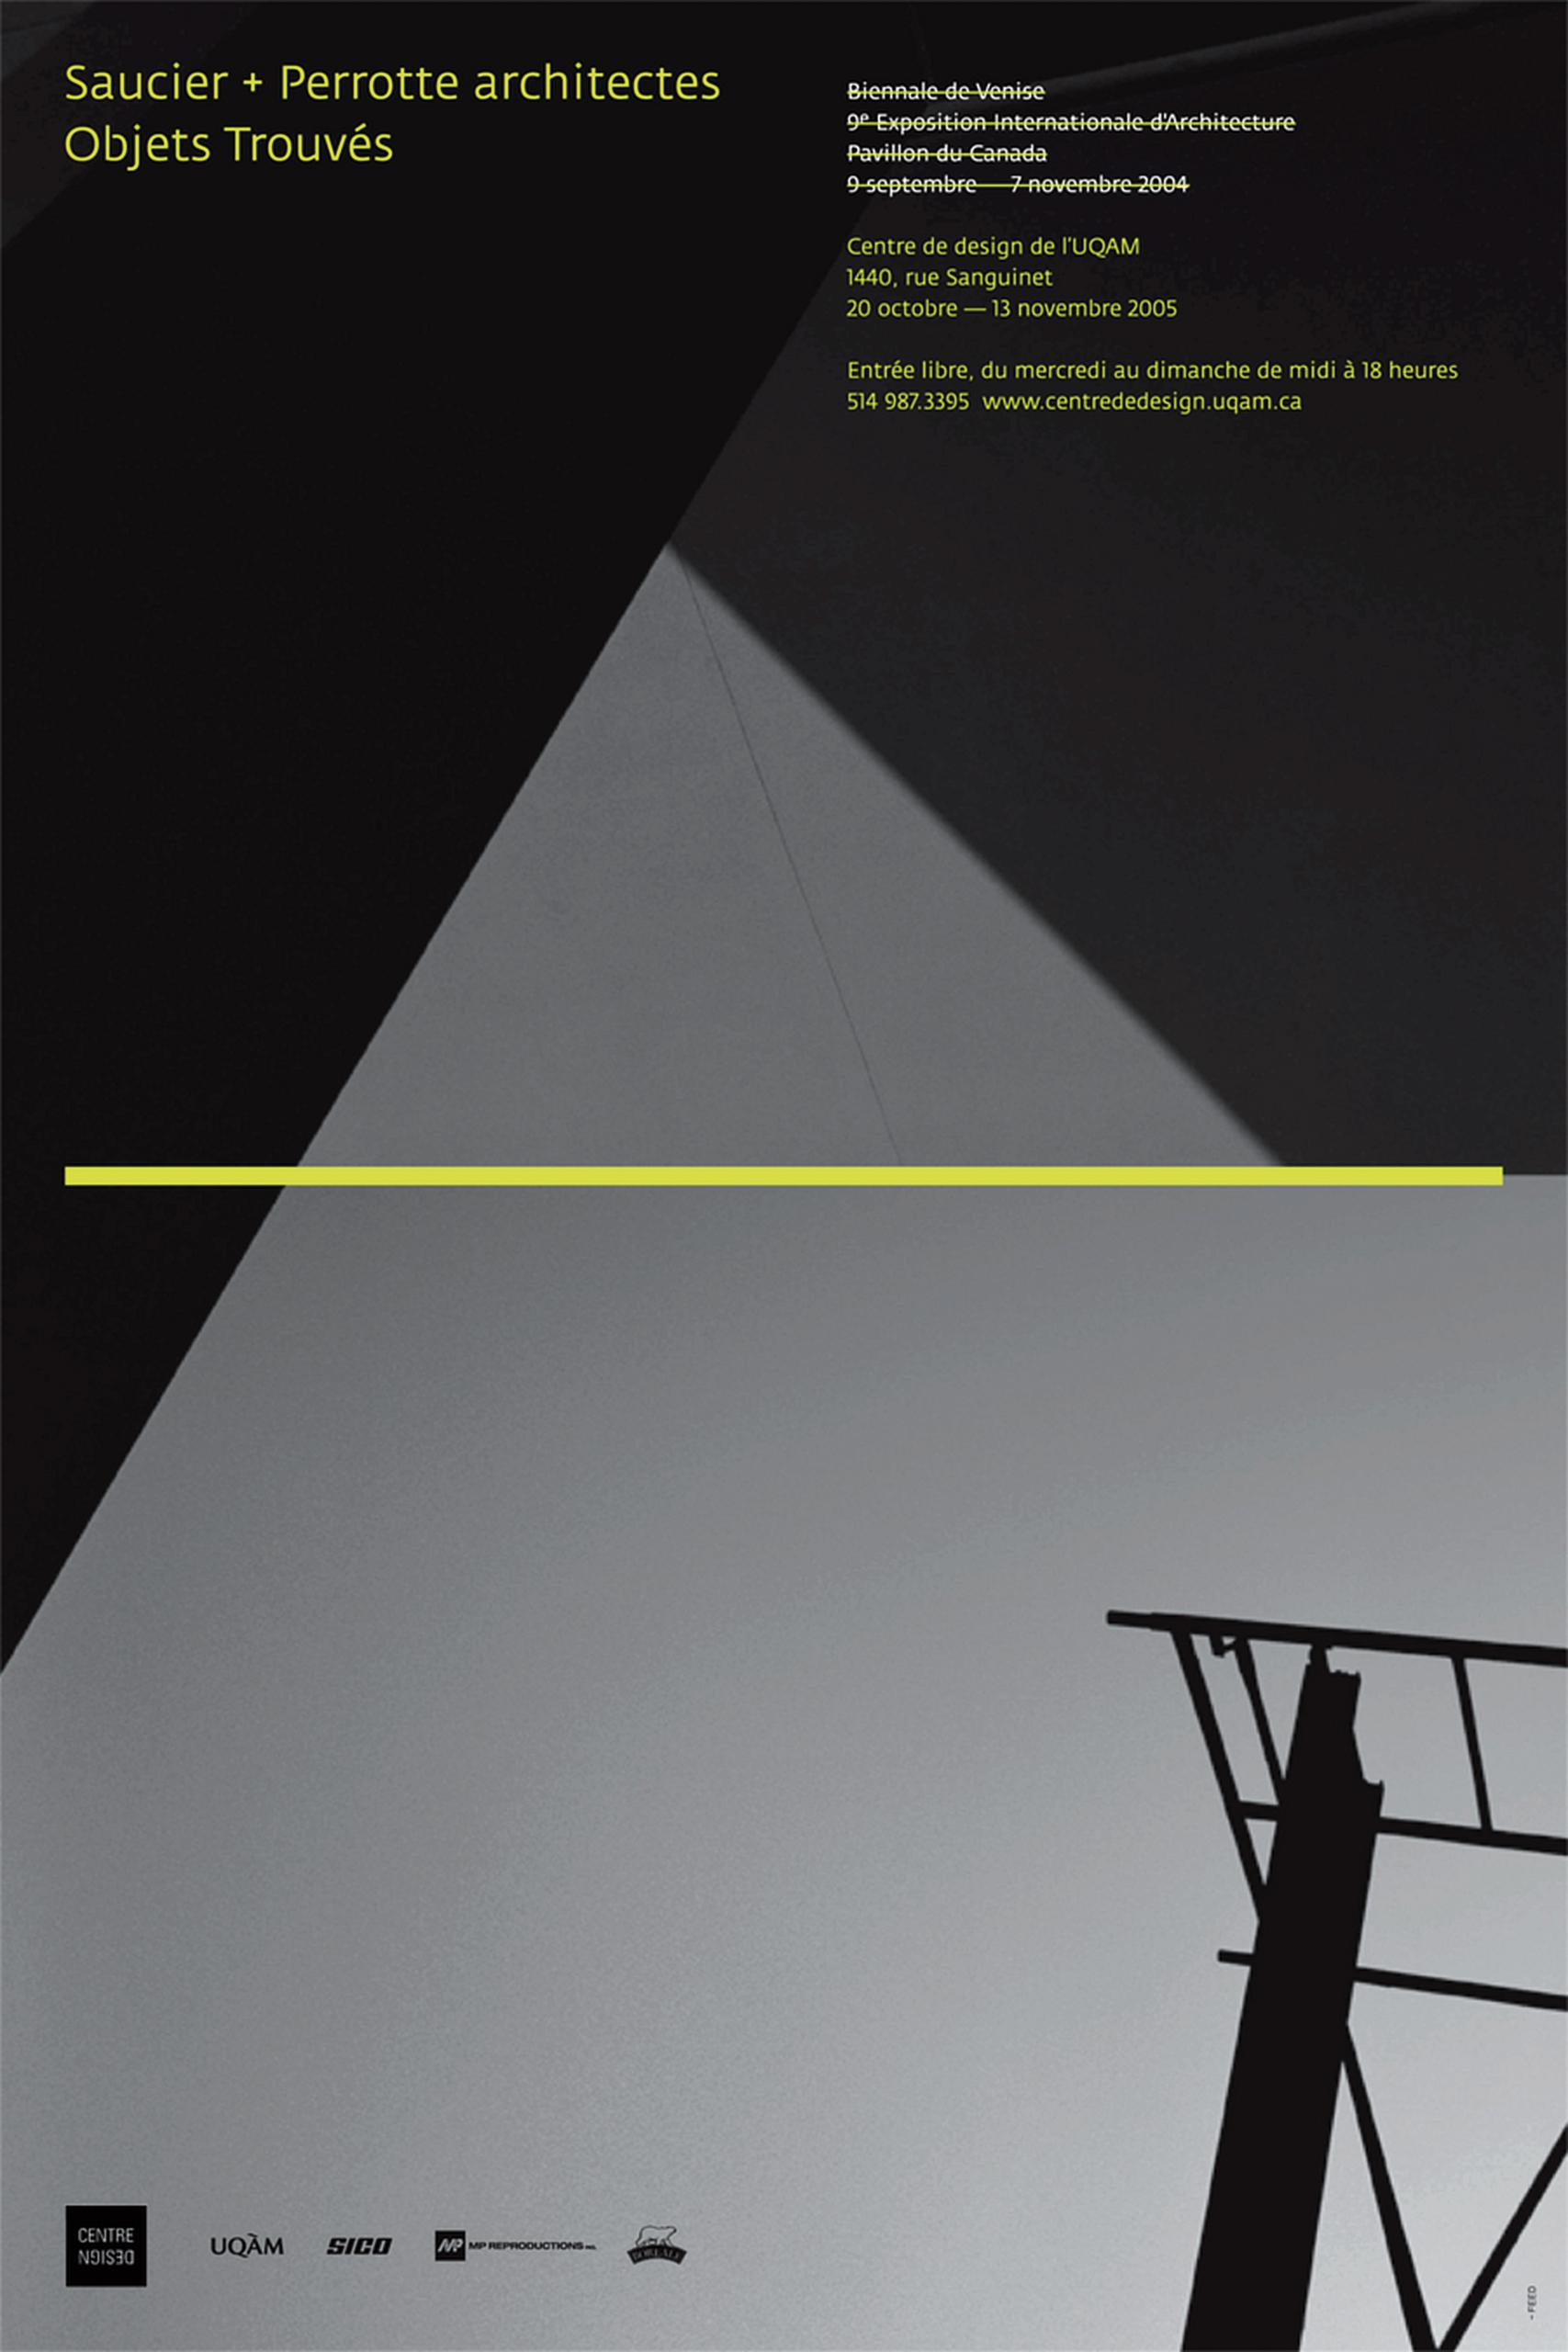 2005 - Exposition - Saucier + Perrotte architectes Objets trouvés Oggetti Trovati